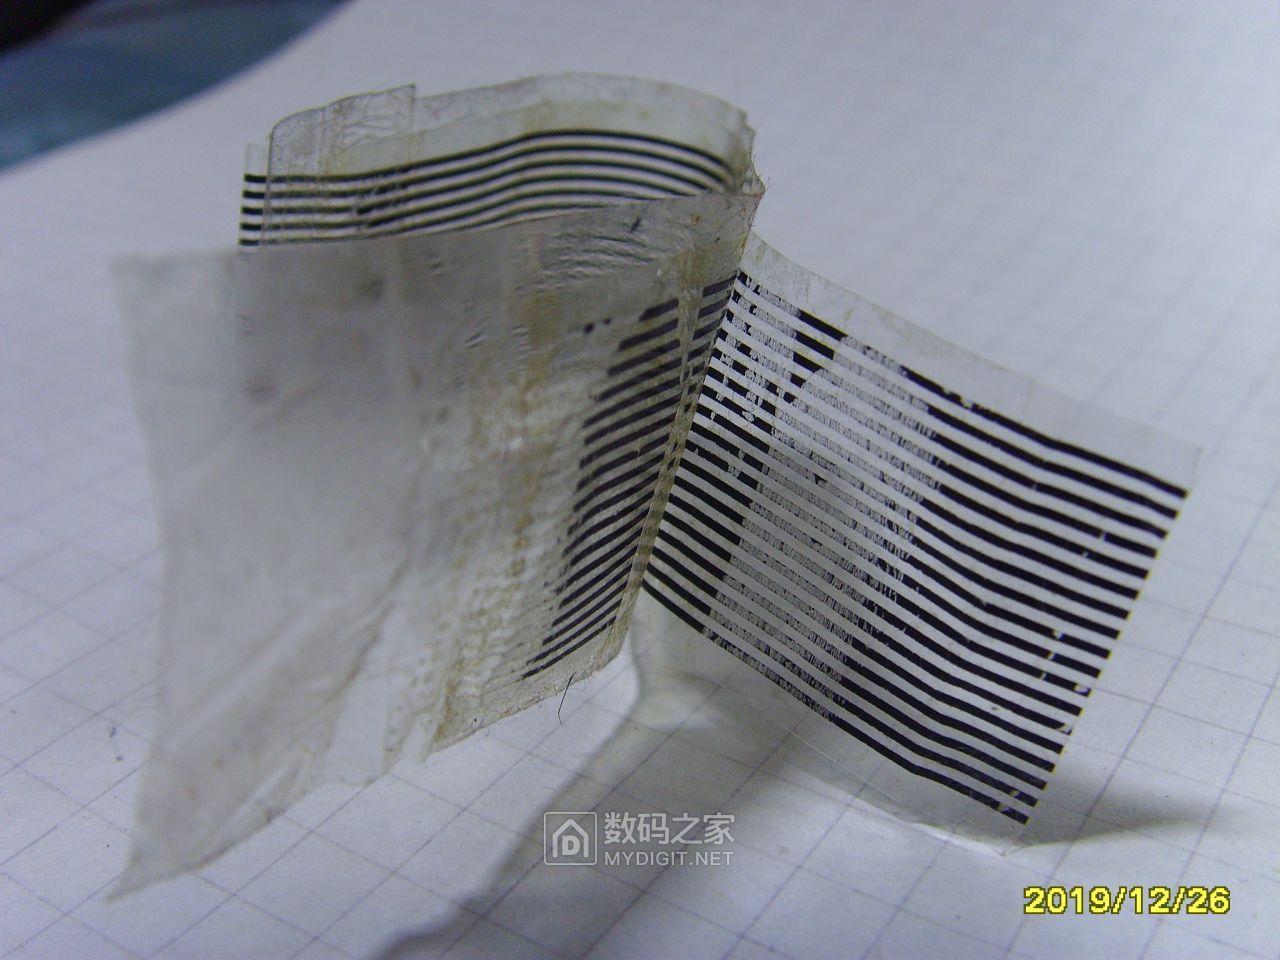 最后,这是替换下来的斑马纸,导电部分已经被胶带粘下来了。